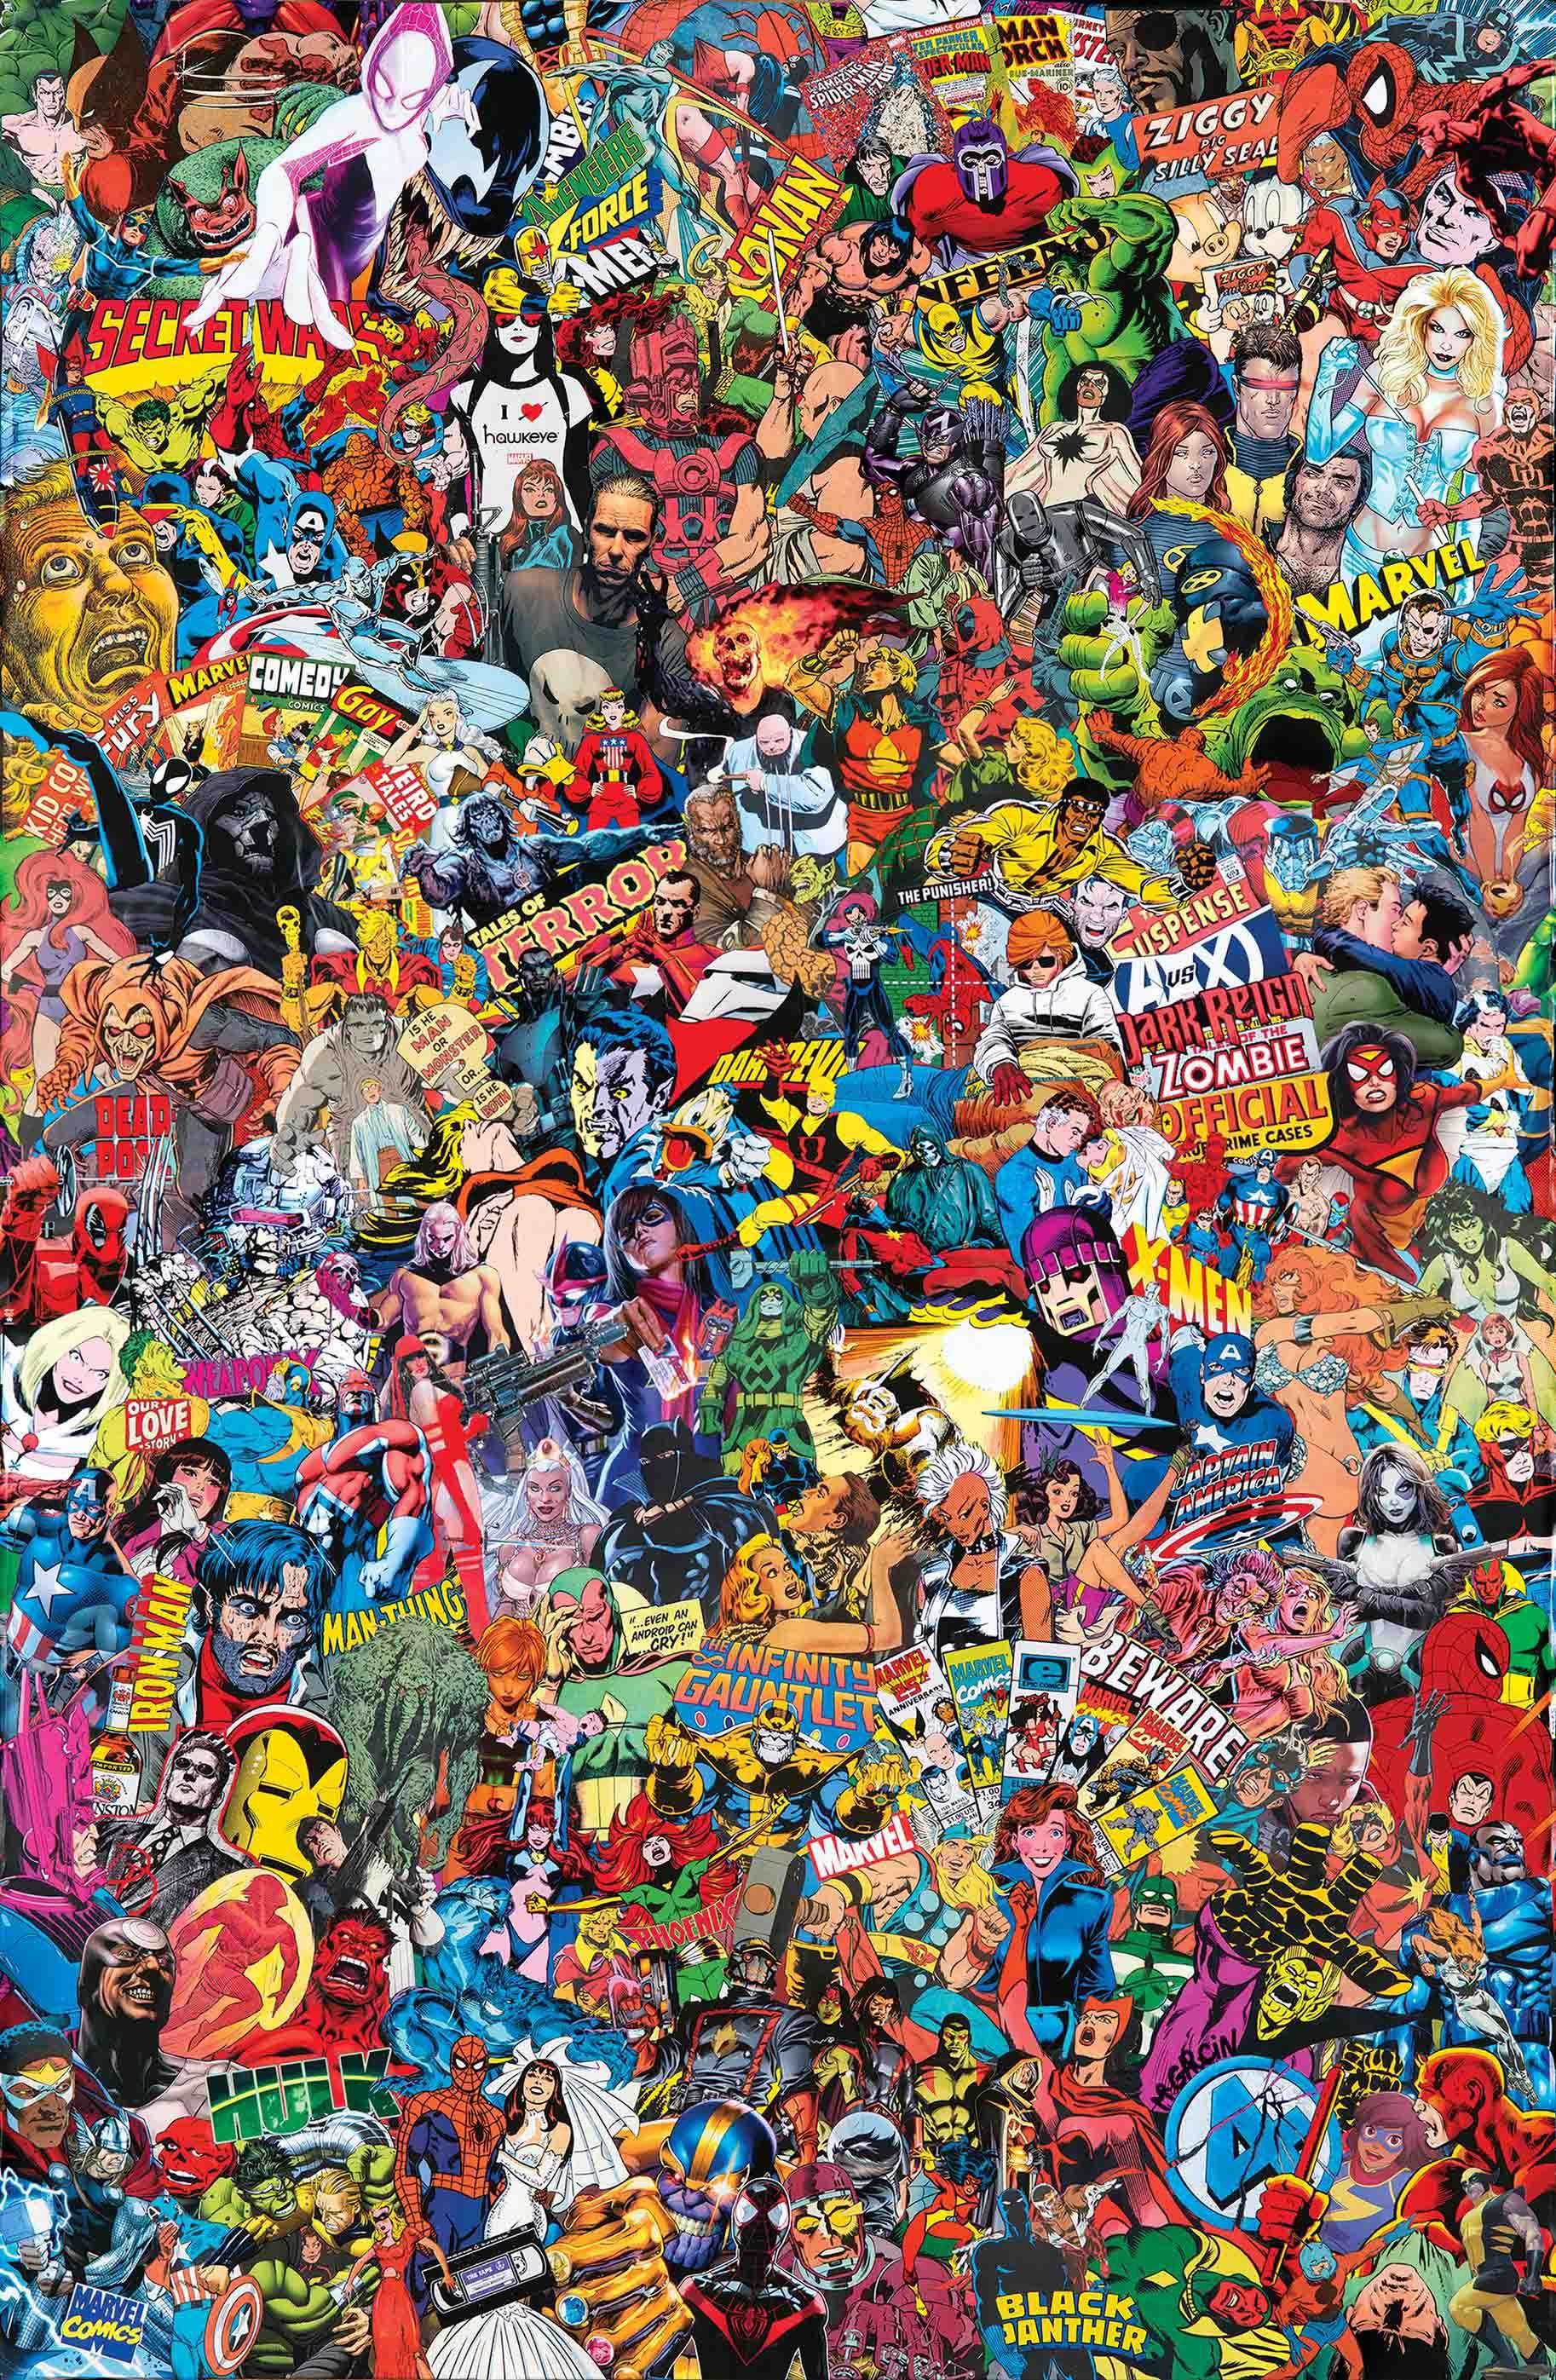 Park Art|My WordPress Blog_Avengers Endgame Free Online Reddit